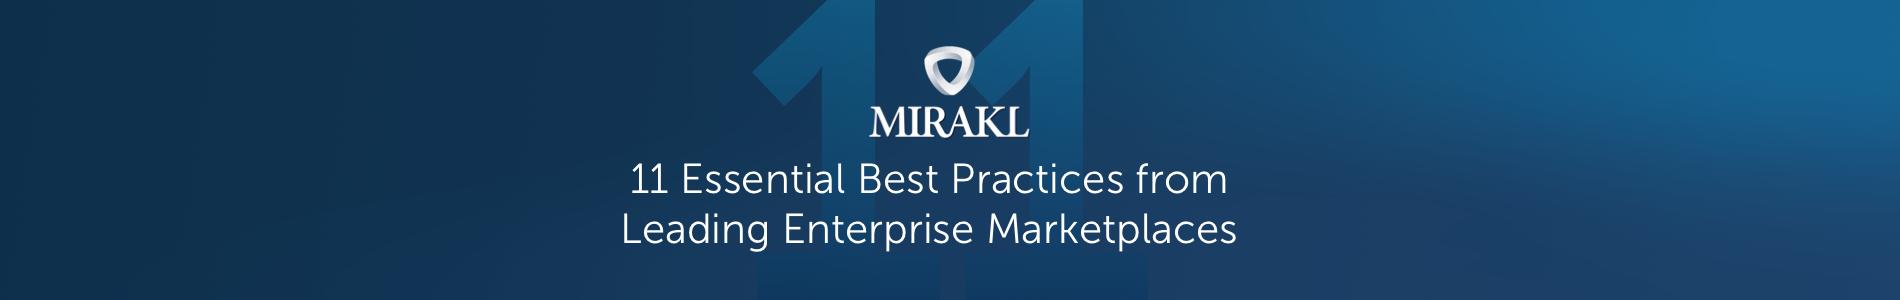 Best Practices eBook Launch - Banner (1900x300)